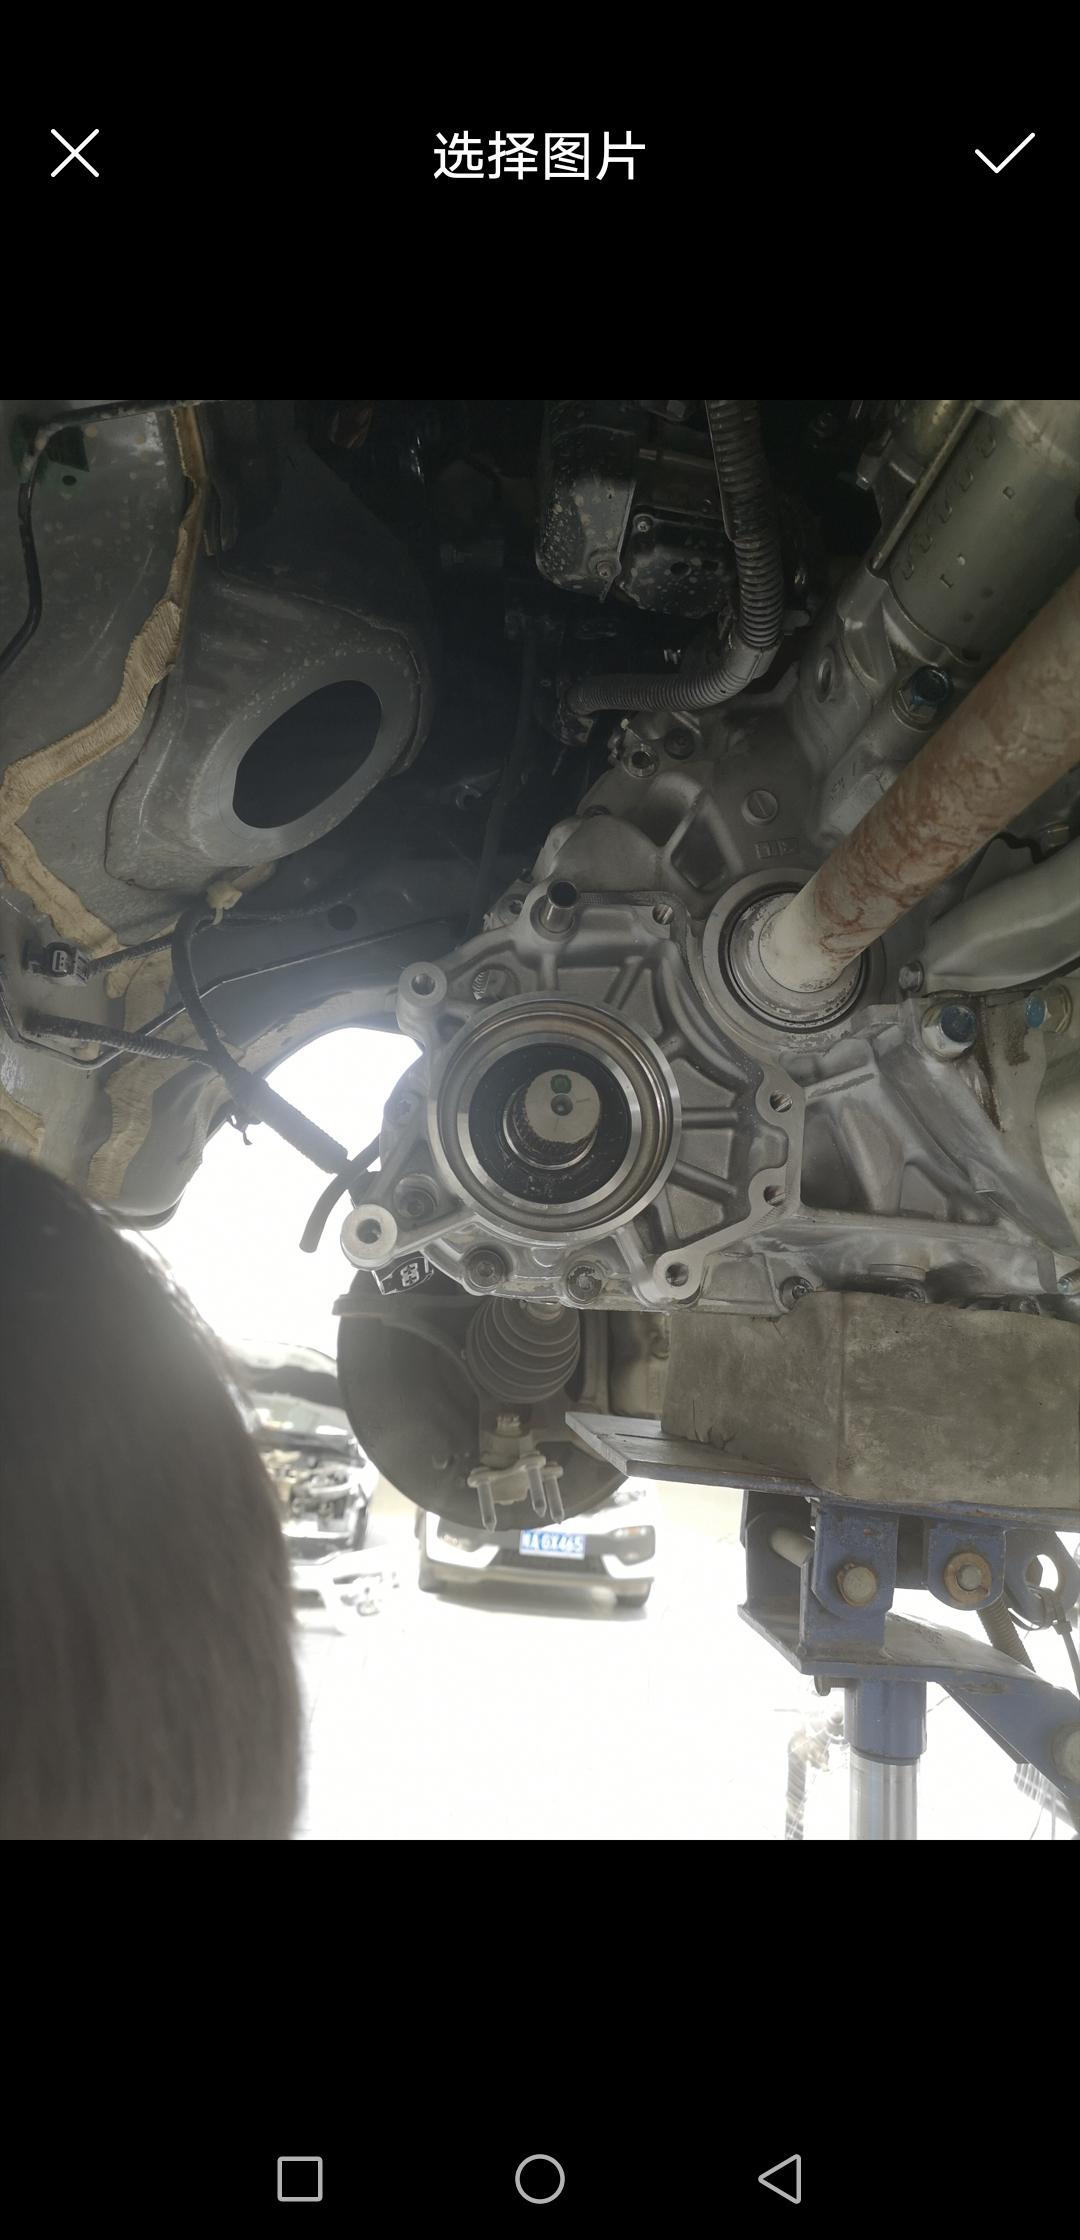 本田-本田UR-V 变速箱漏油经二次维修后仍然漏油